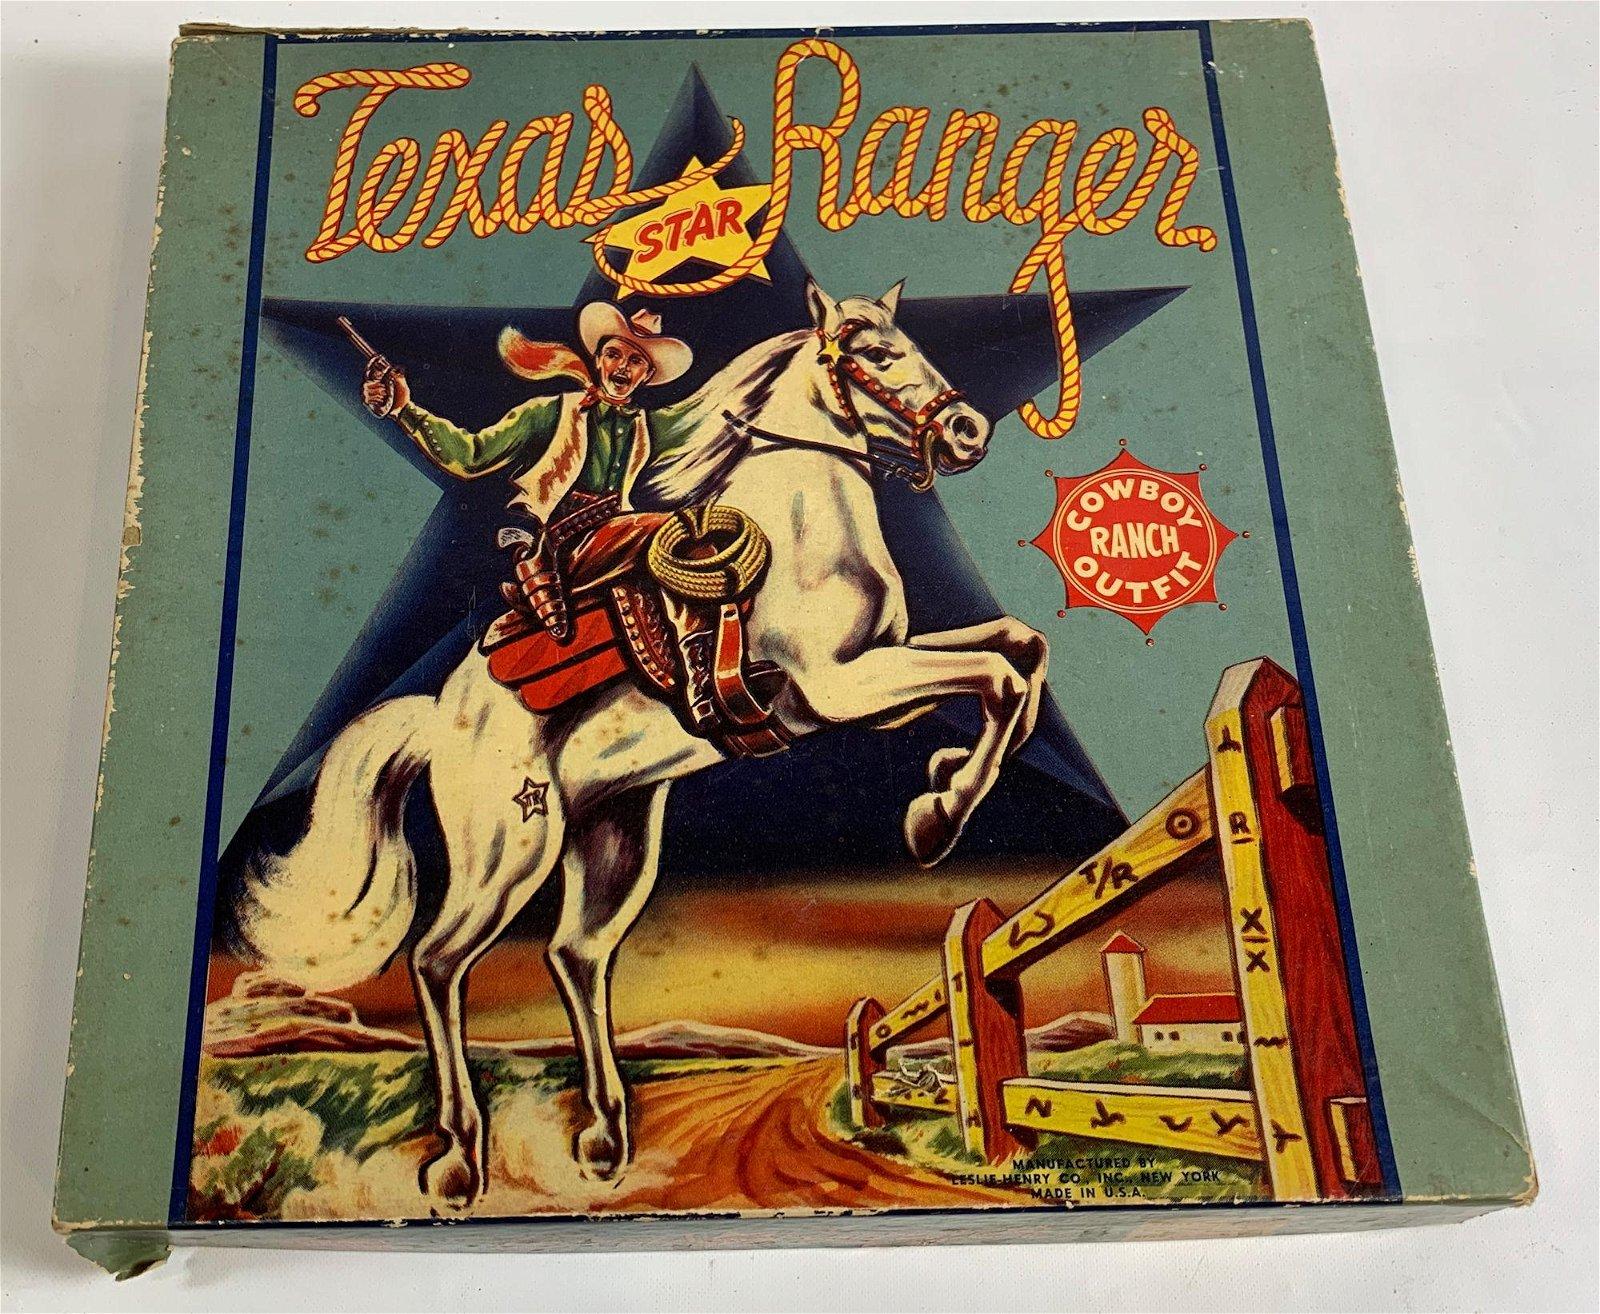 TEXAS RANGER COWBOY RANCH OUTFIT IN ORIGINAL BOX